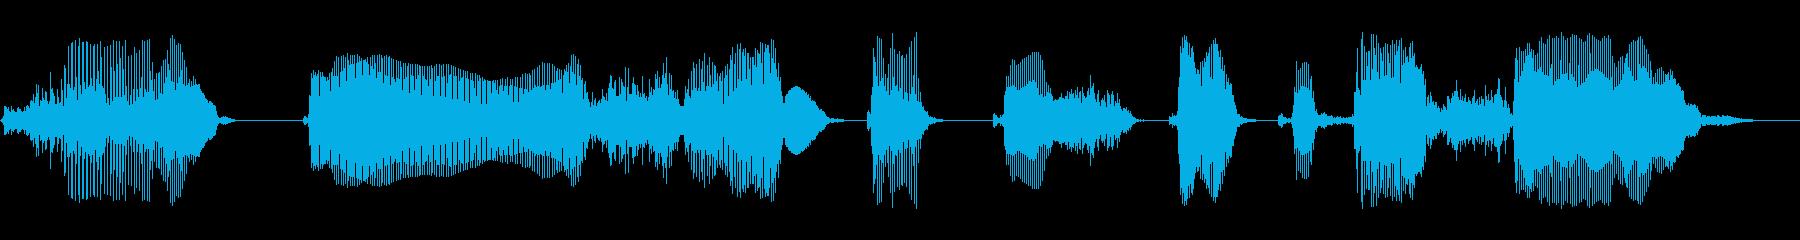 回答を選択してくださいの再生済みの波形